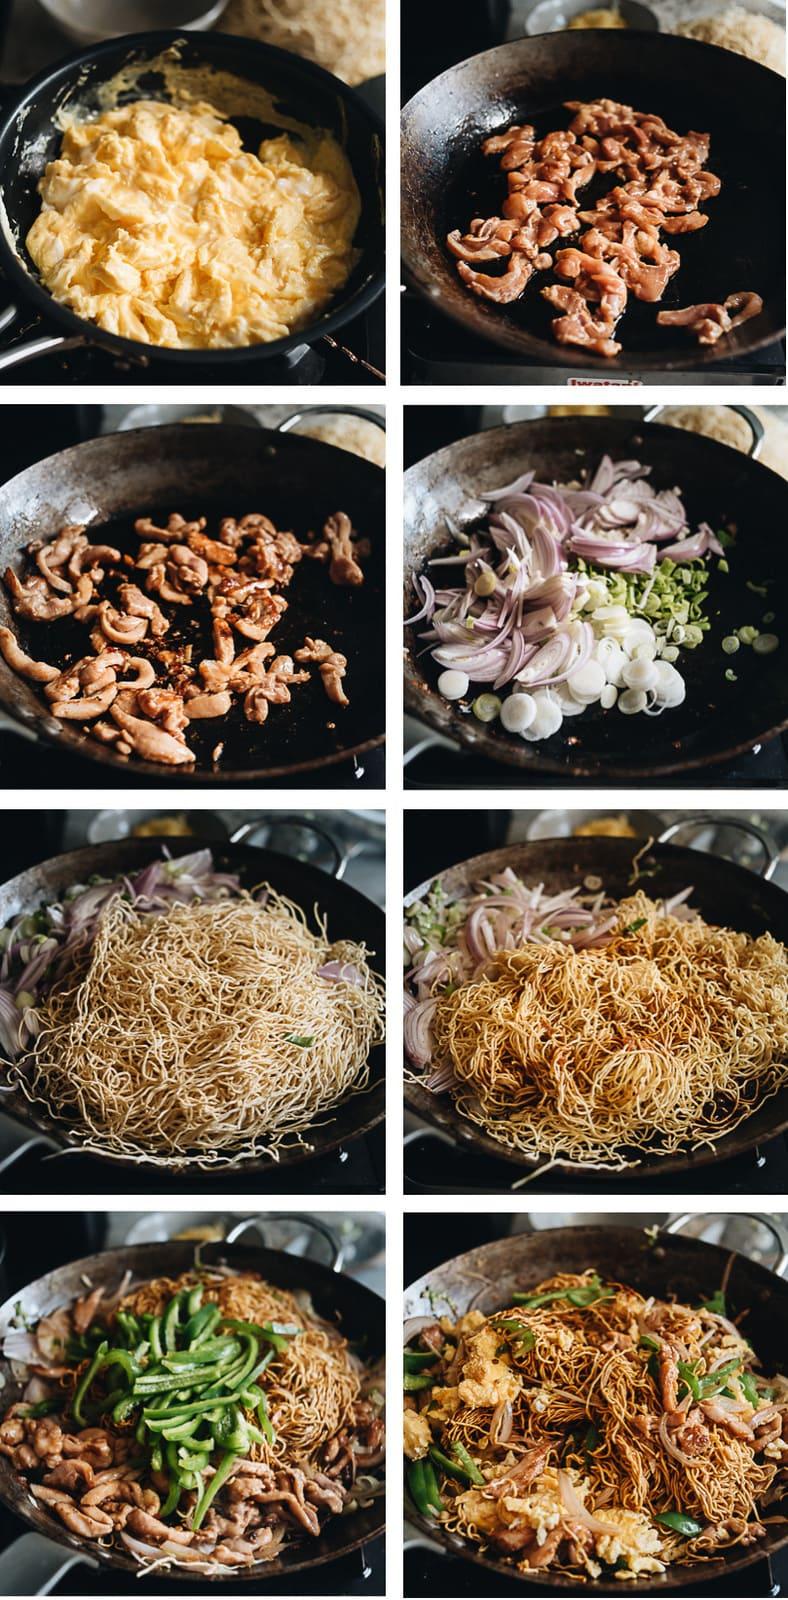 Hokkien noodles cooking process